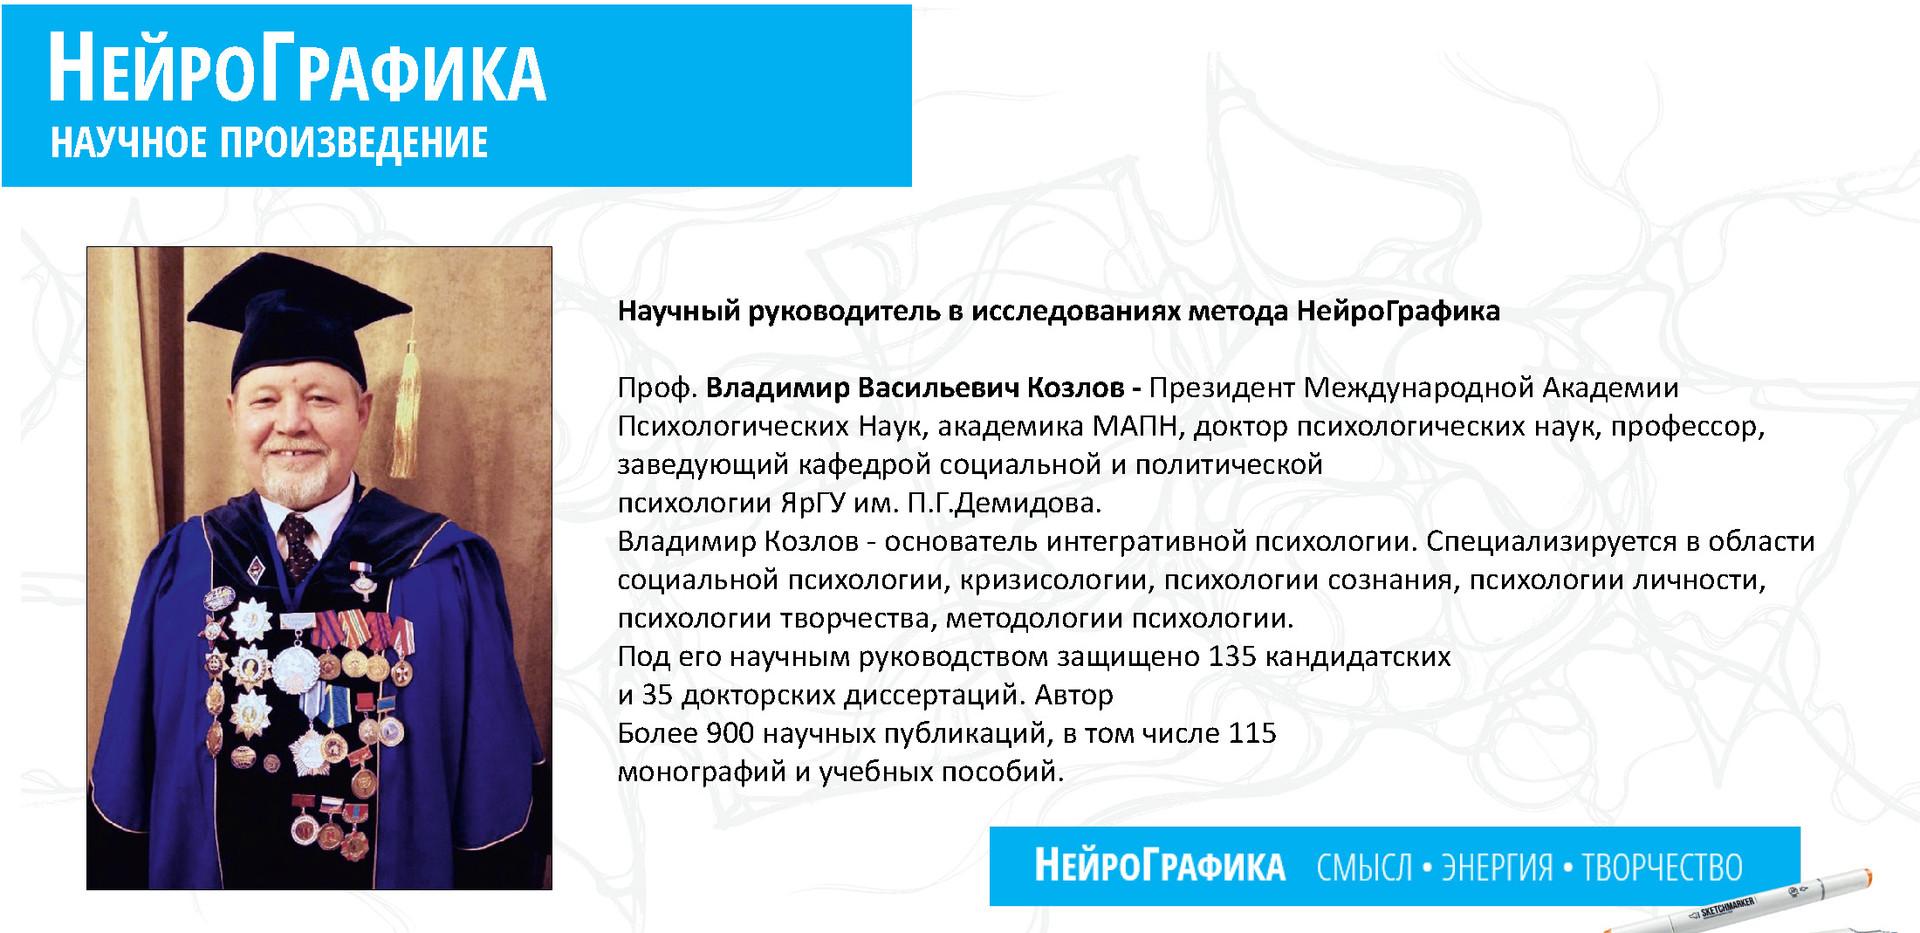 НейроГафикаBIG (1)_Страница_16.jpg